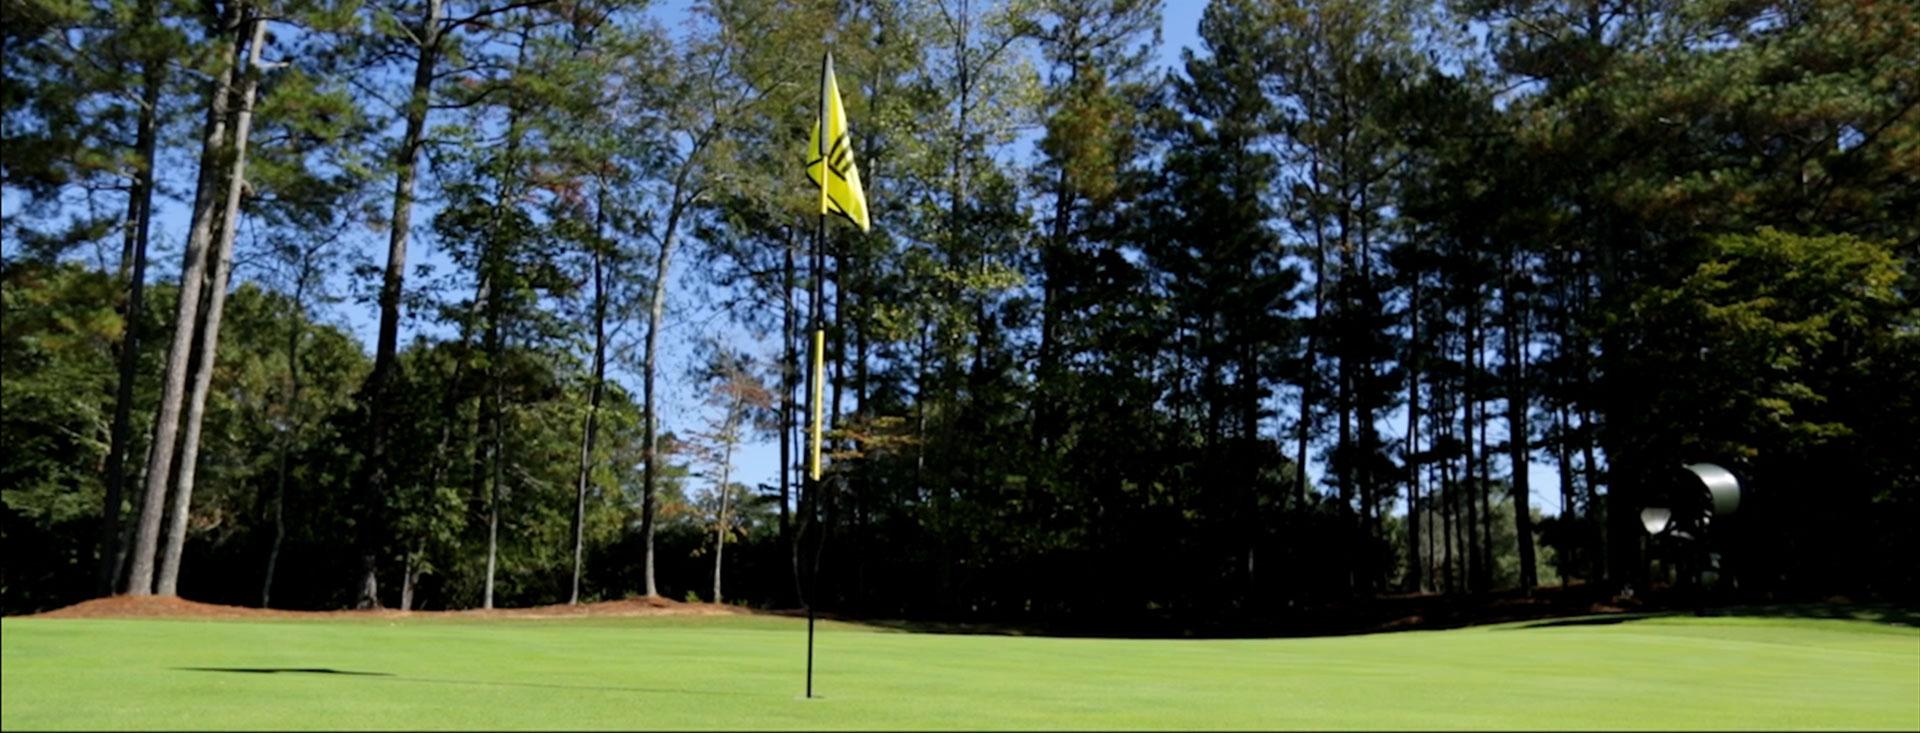 Subair Systems Golf Course